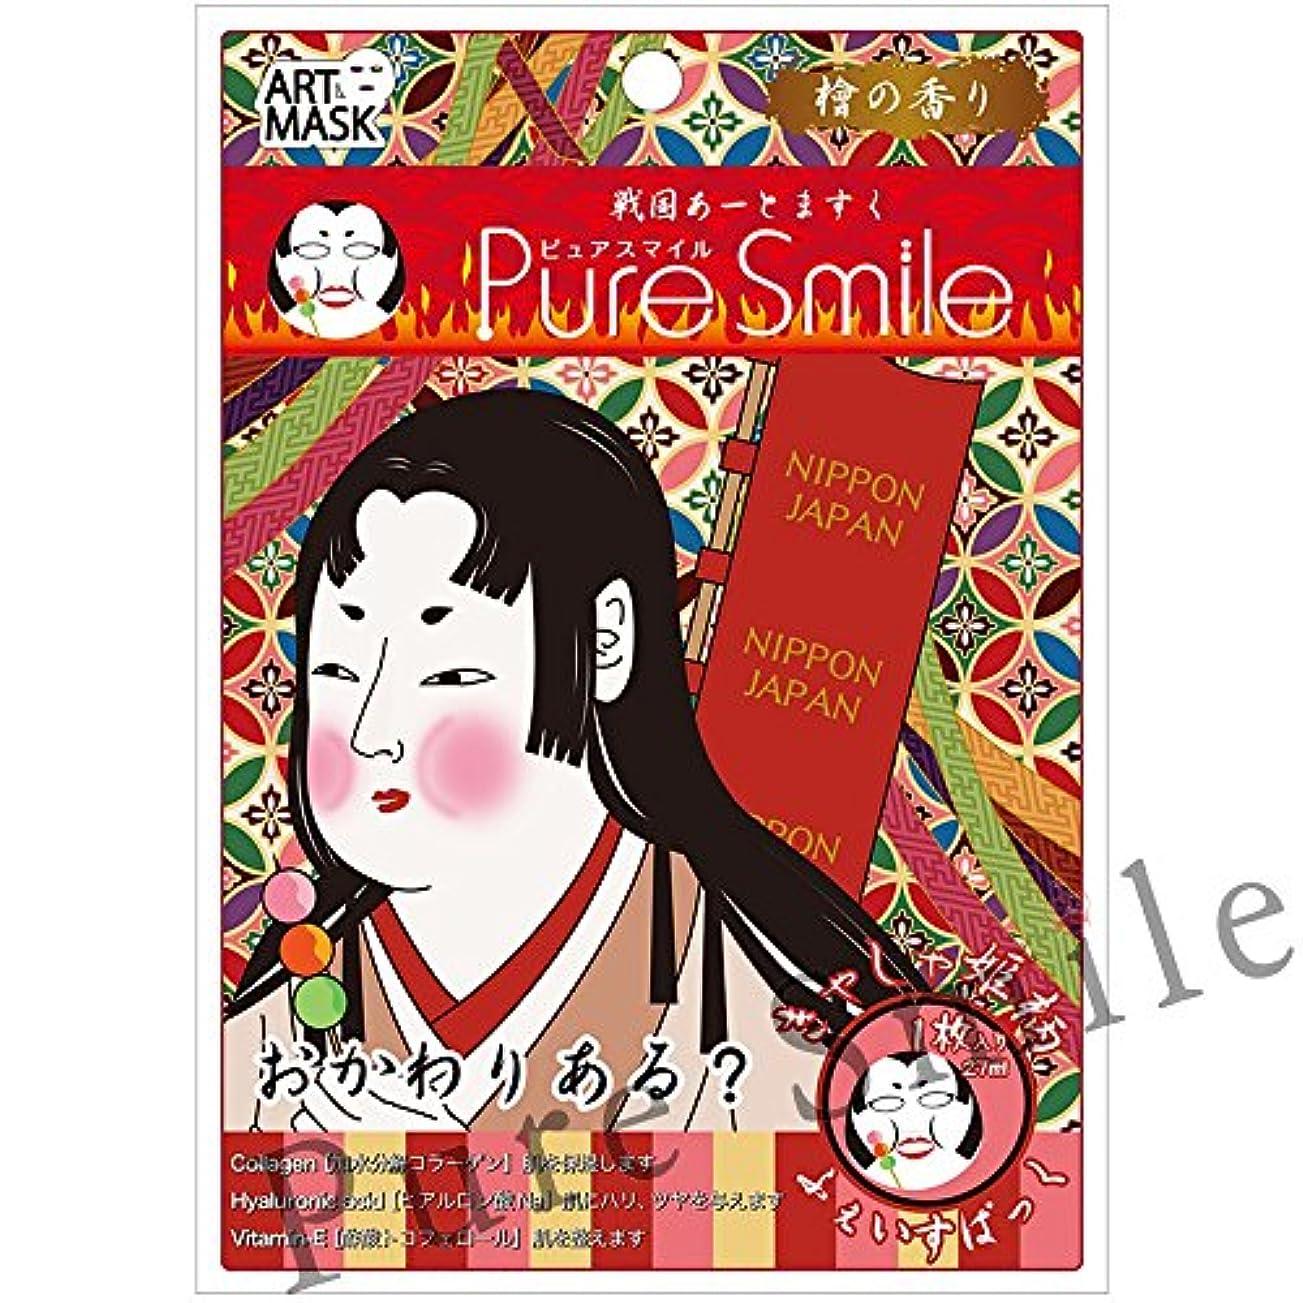 ご予約模索広まったPure Smile(ピュアスマイル) フェイスマスク/アートマスク『戦国アートマスク』(きゃしゃ姫/檜の香り)